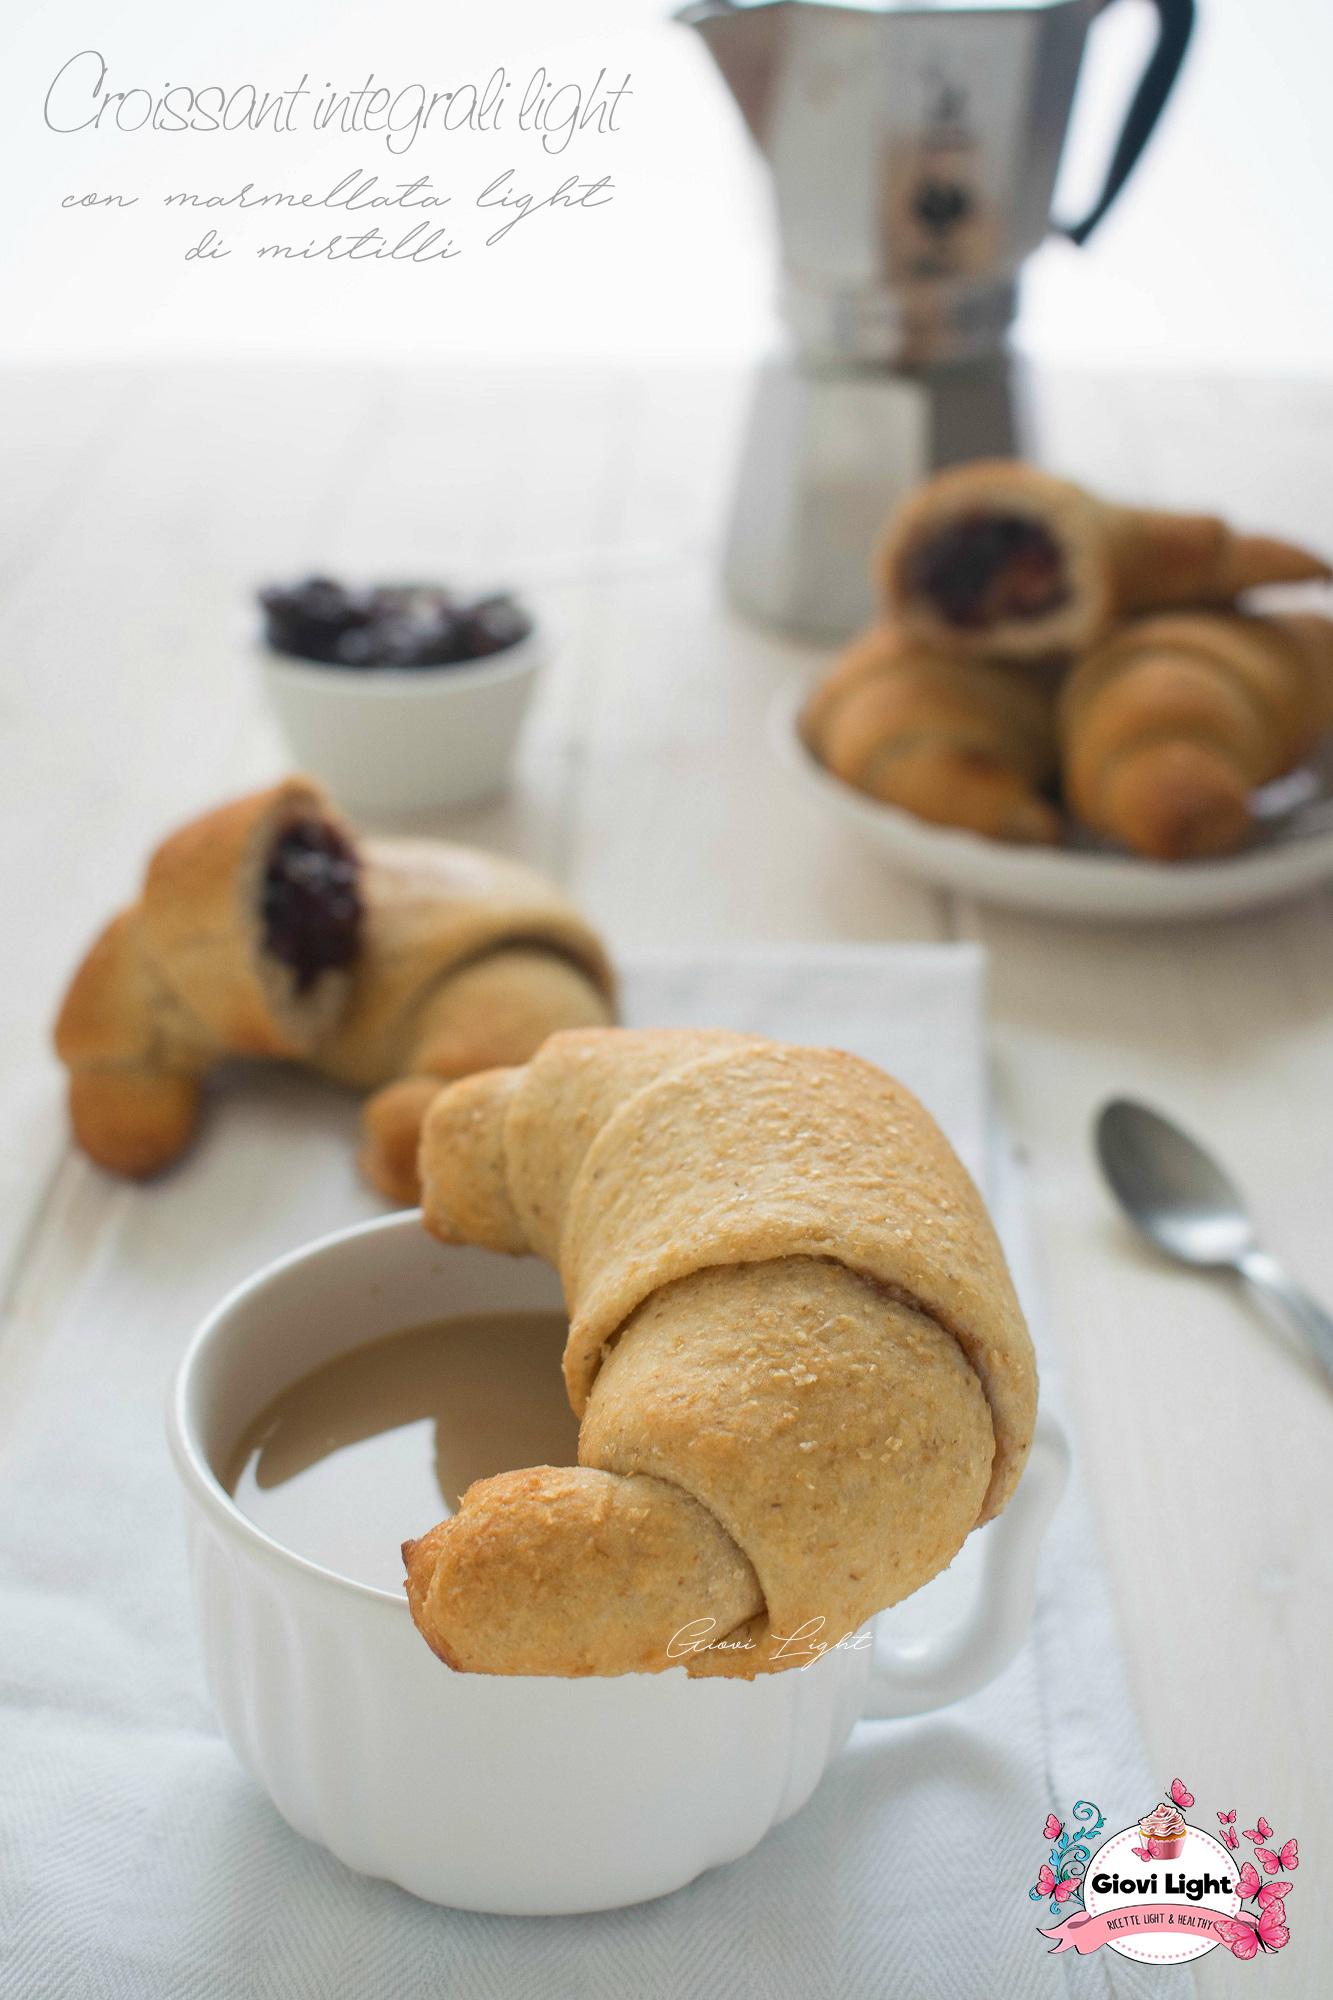 Croissant integrali light con marmellata light di mirtilli